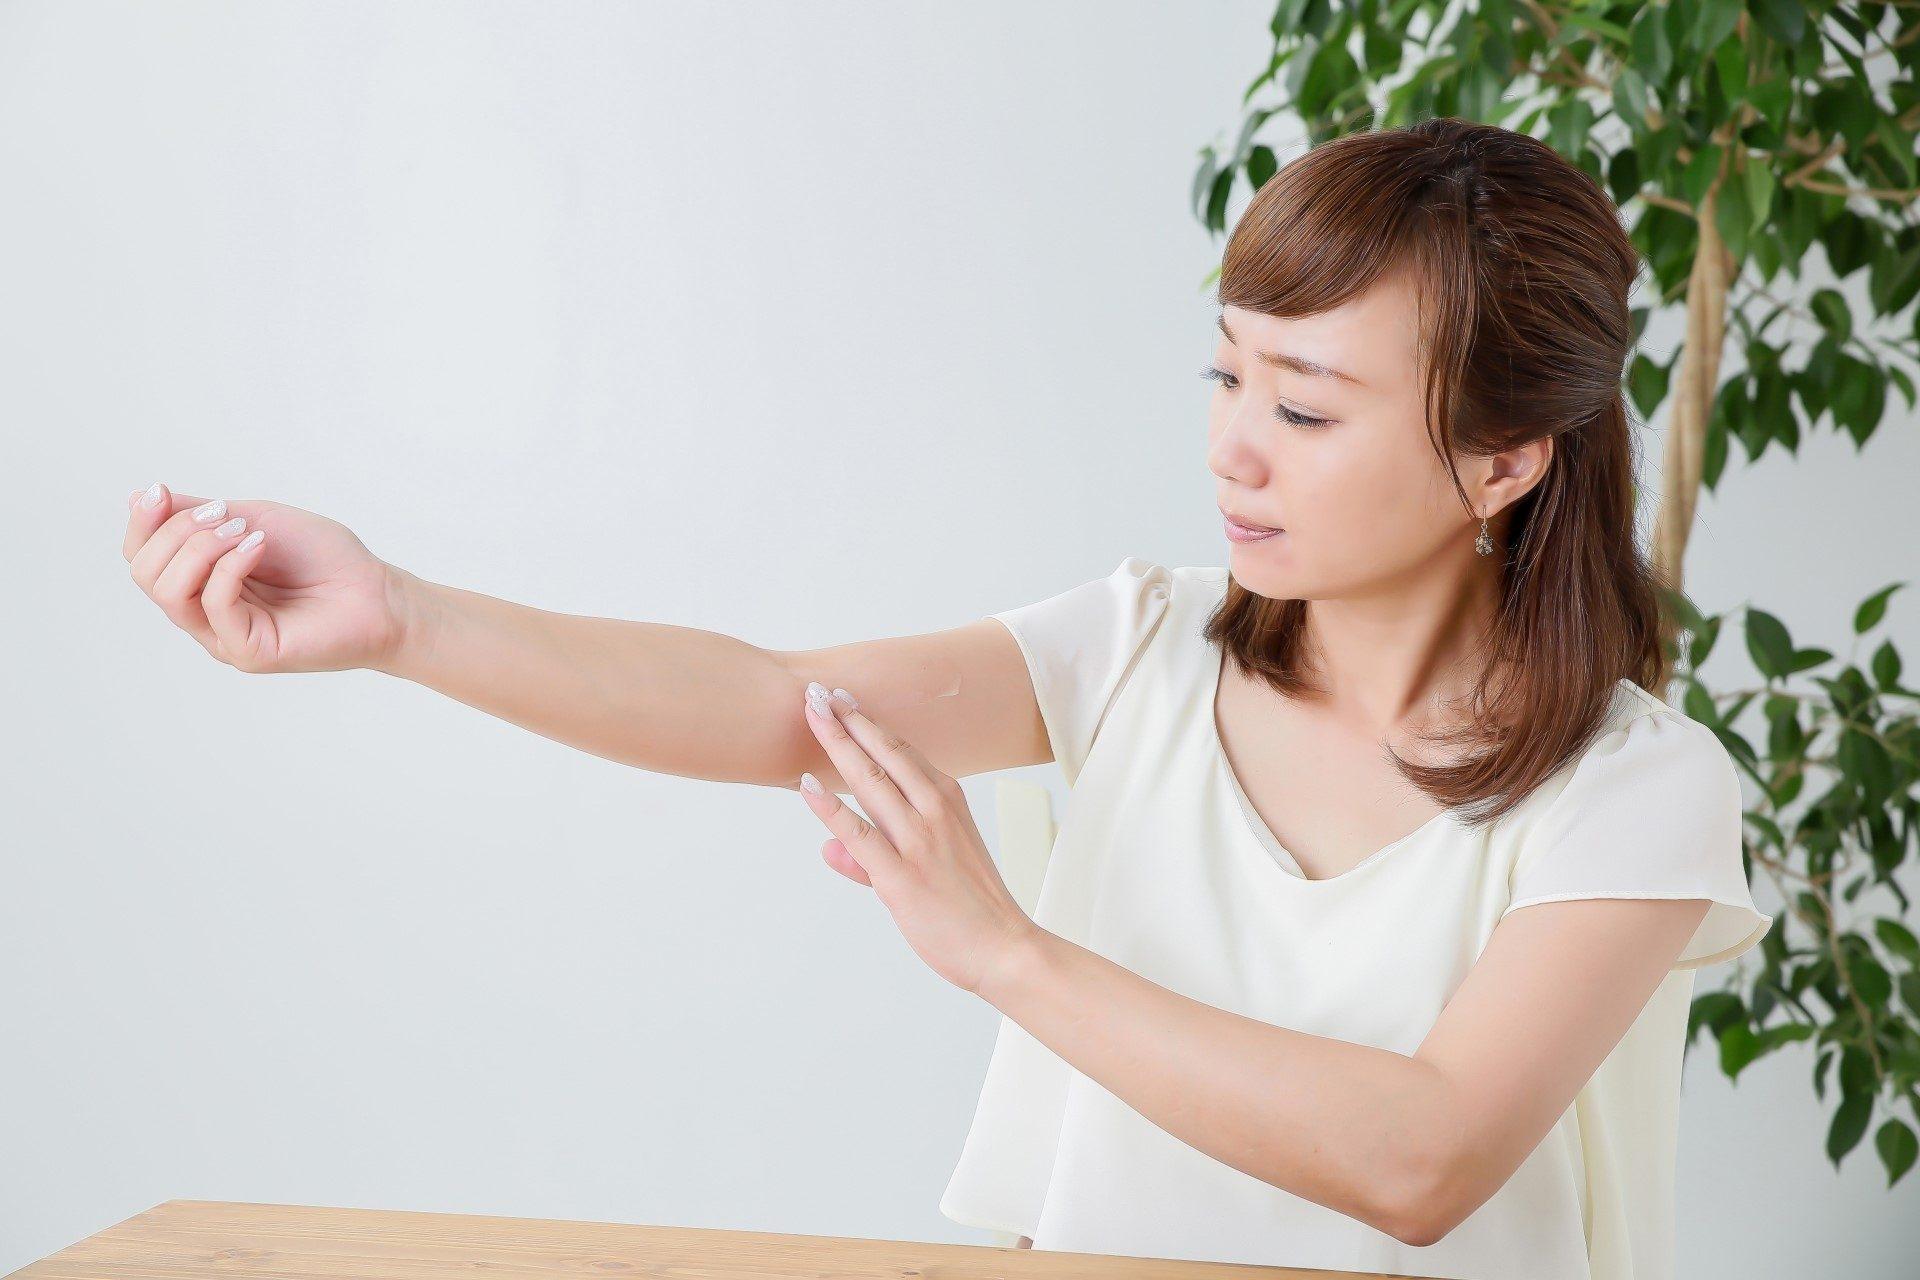 二の腕にクリームを塗る女性